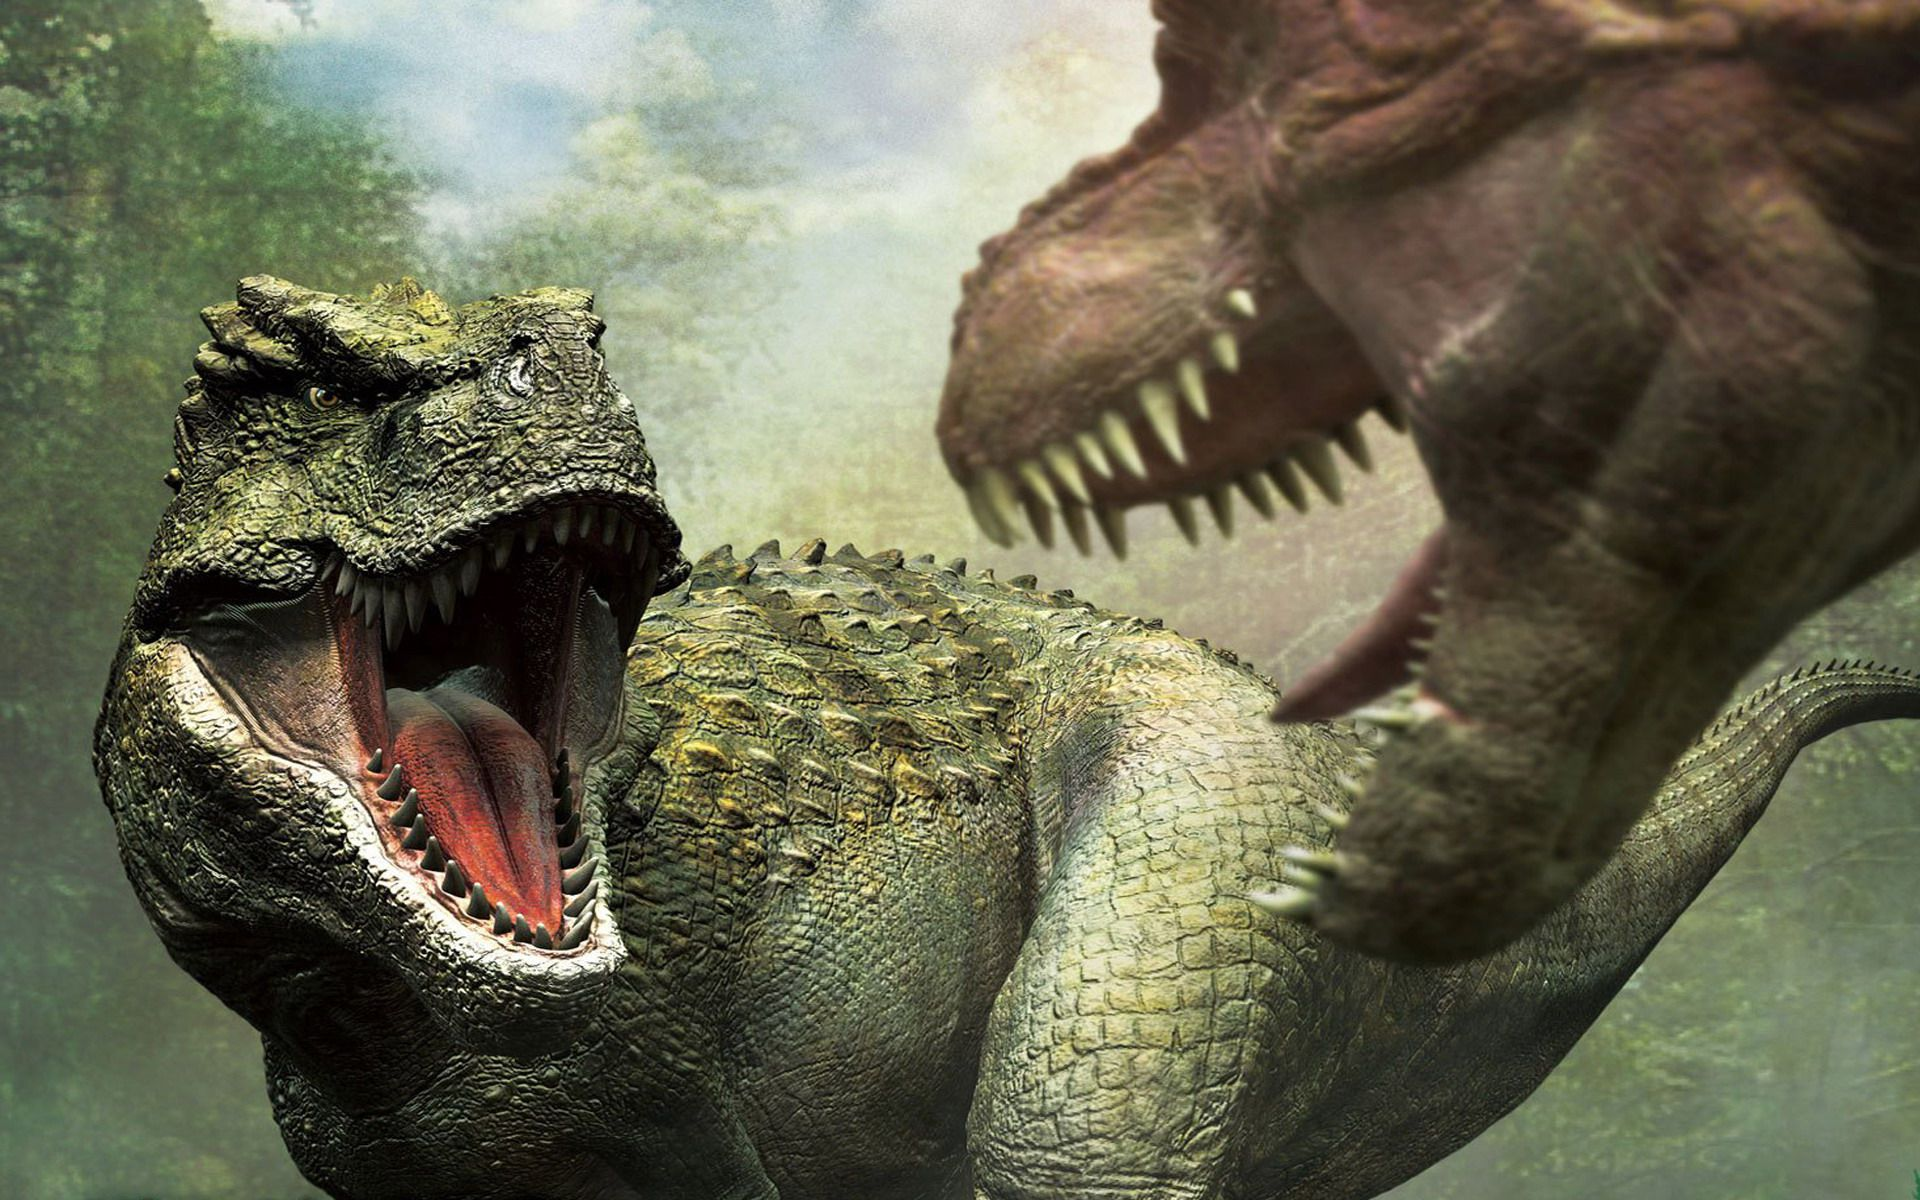 مشهورترین جانوران منقرض شده جهان کدامند؟